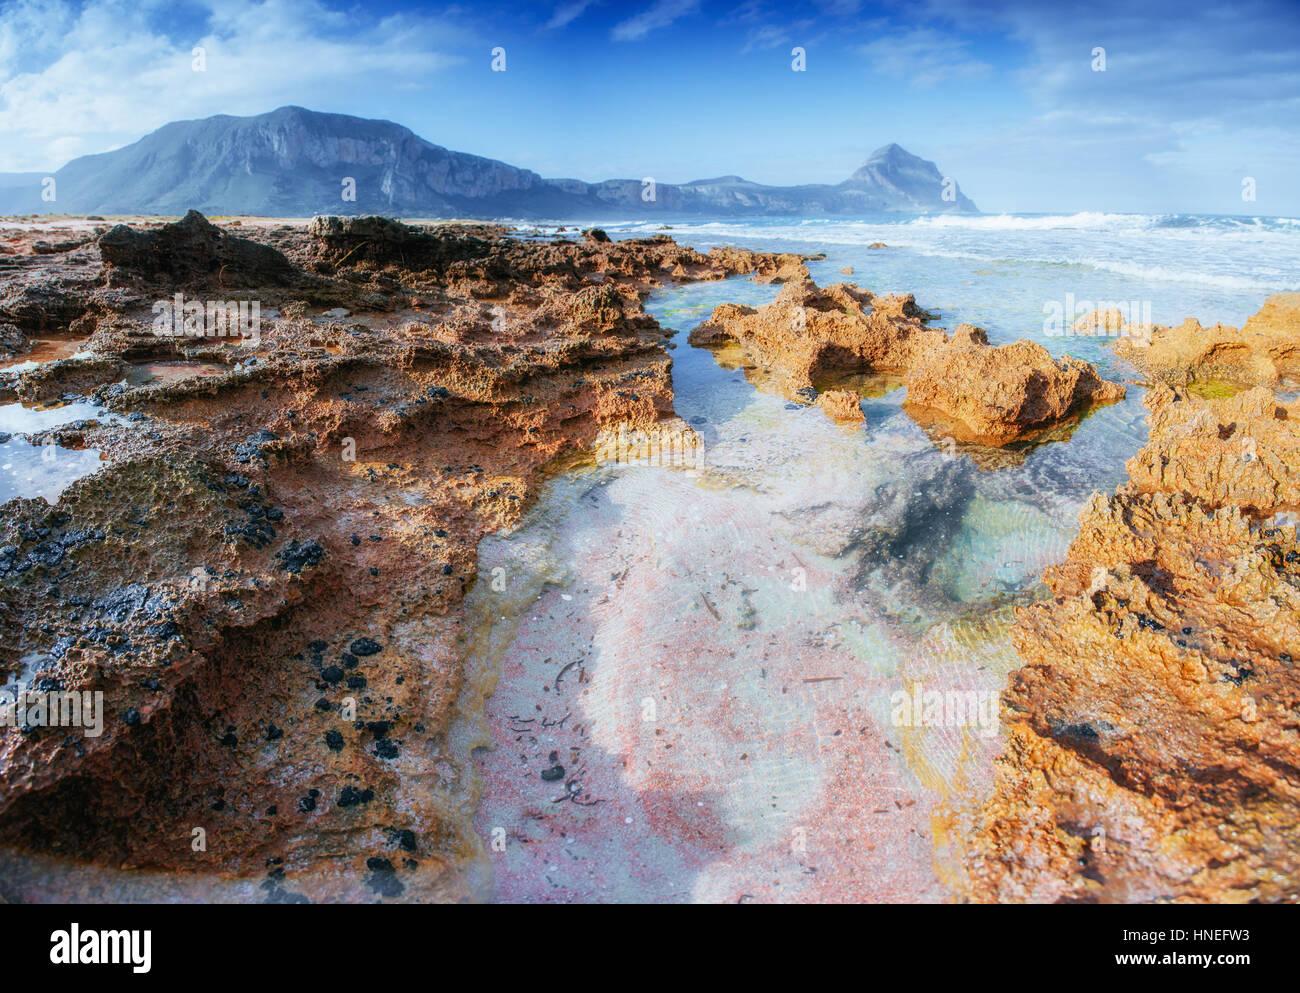 Frühling-Panorama Meer Küste Stadt Trapany. Sizilien, Italien, Europa Stockbild